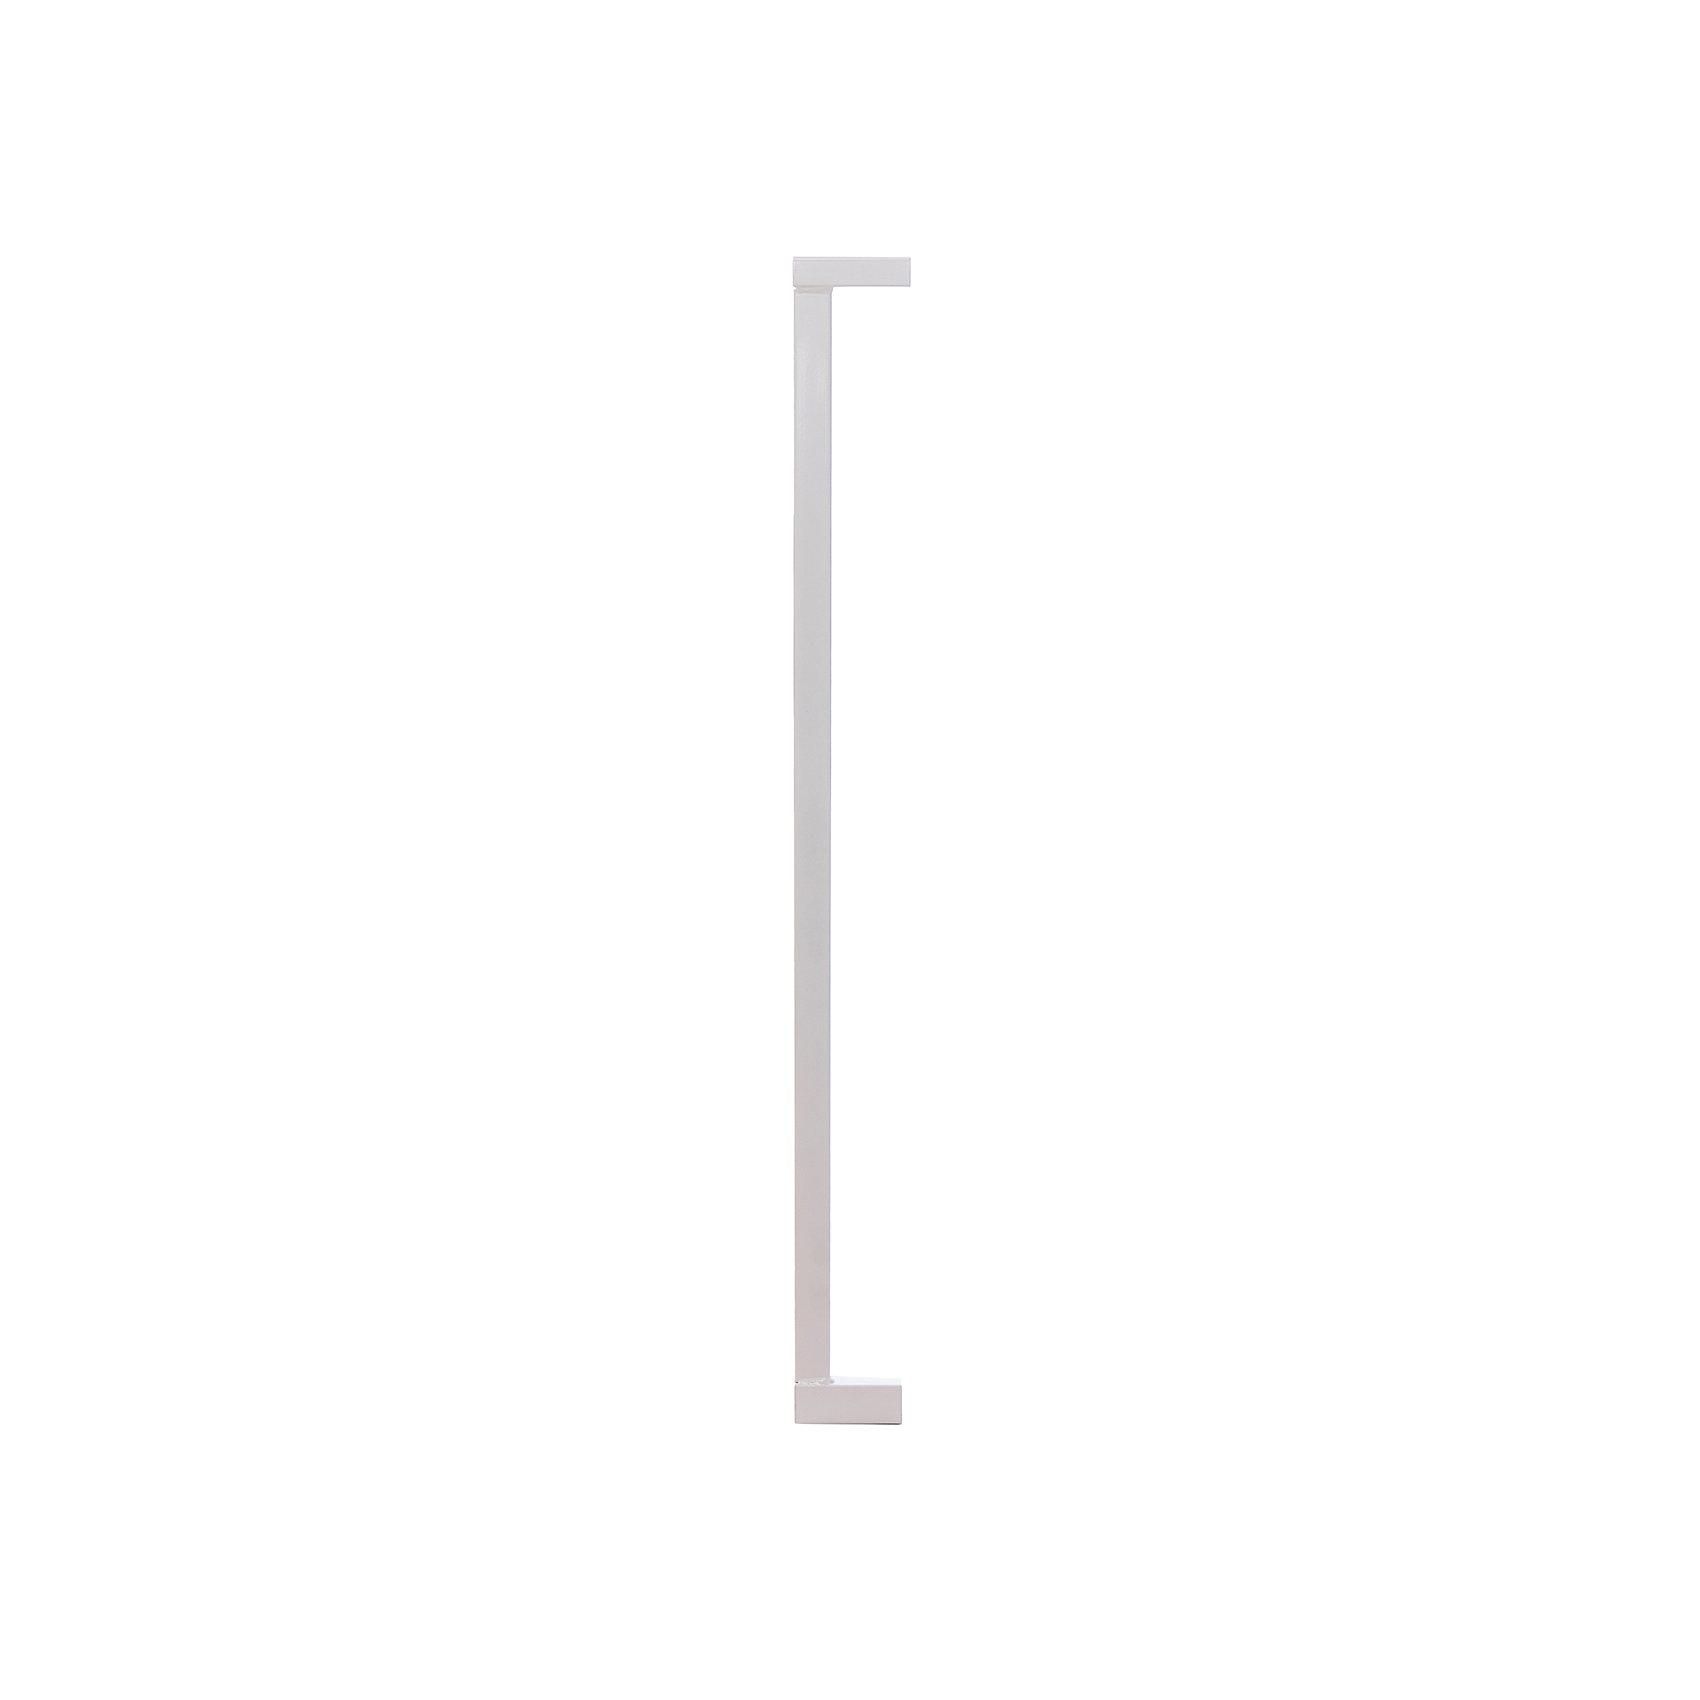 Дополнительная секция 8 см., Geuther, белыйБлокирующие и защитные устройства для дома<br>Дополнительная секция 8 см., Geuther, белый<br><br>Характеристики:<br>- Материал: дерево/металл<br>- Размер: 8 см.<br>- Вес: 1,4 кг.<br>Дополнительная секция 8 см. от немецкого бренда Geuther (Гётер) поможет увеличить длину ворот безопасности для вашего проема. Ворота безопасности ограничивают игровую зону ребенка, обеспечивая его безопасность и позволяют родителям быть спокойными за своих малышей. Нейтральный белый цвет отлично вписывается в интерьер и выглядит достаточно стильно. Отличное немецкое качество обеспечивает должную заботу о крохе. Подходит к воротам Easy Lock.<br>Дополнительную секцию 8 см., белый, Geuther (Гётер) можно купить в нашем интернет-магазине.<br>Подробнее:<br>• Для детей в возрасте: от 0 до 18 месяцев <br>• Номер товара: 5089884<br>Страна производитель: Германия<br><br>Ширина мм: 840<br>Глубина мм: 140<br>Высота мм: 50<br>Вес г: 700<br>Возраст от месяцев: 0<br>Возраст до месяцев: 24<br>Пол: Унисекс<br>Возраст: Детский<br>SKU: 5089884